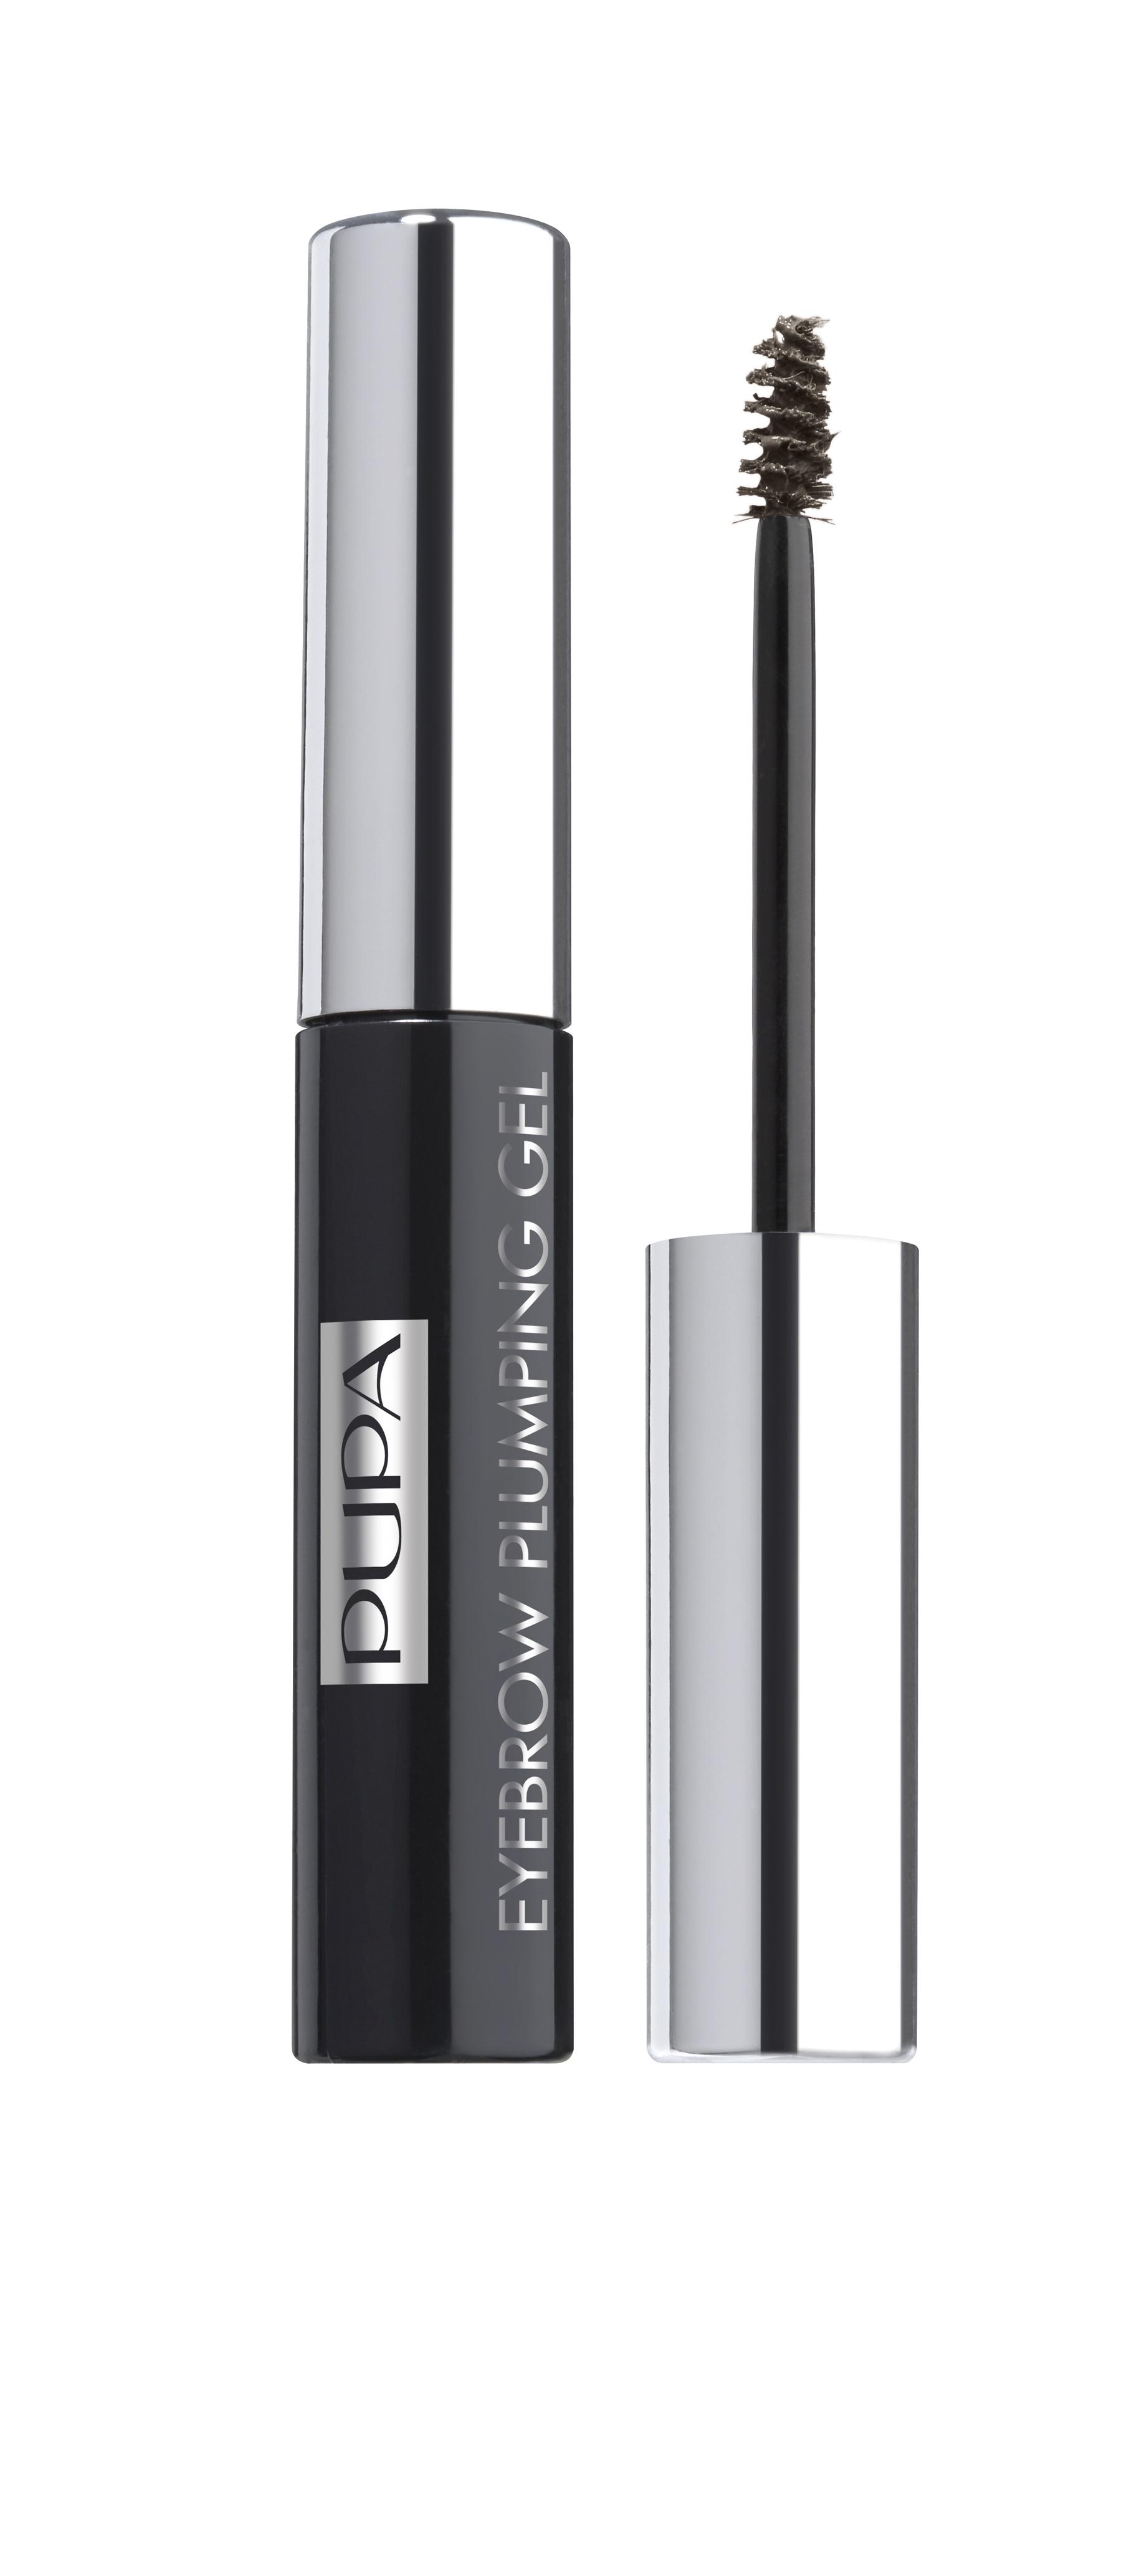 Pupa Пигментированный гель для бровей EYEBROW PLUMPING GEL № 003 темно-коричневый, 4 мл1301207Пигментированный фиксирующий гель для бровей EYEBROW PLUMPING GEL. Мягкий, слегка пигментированный, устойчивый гель для акцентирования и фиксации бровей в макияже. Формула: Включает специальные микроволокна, которые придают объем (плотность) бровям, без эффекта утяжеления. Увлажняющие ингредиенты обеспечивают ощущение свежести и комфорта. Специальные пигменты - для мягкого равномерного окрашивания. Профессиональный аппликатор – щеточка с короткими щетинами равномерно распределяет гелевую структуру, нежно расчесывает брови, фиксируя их направление.